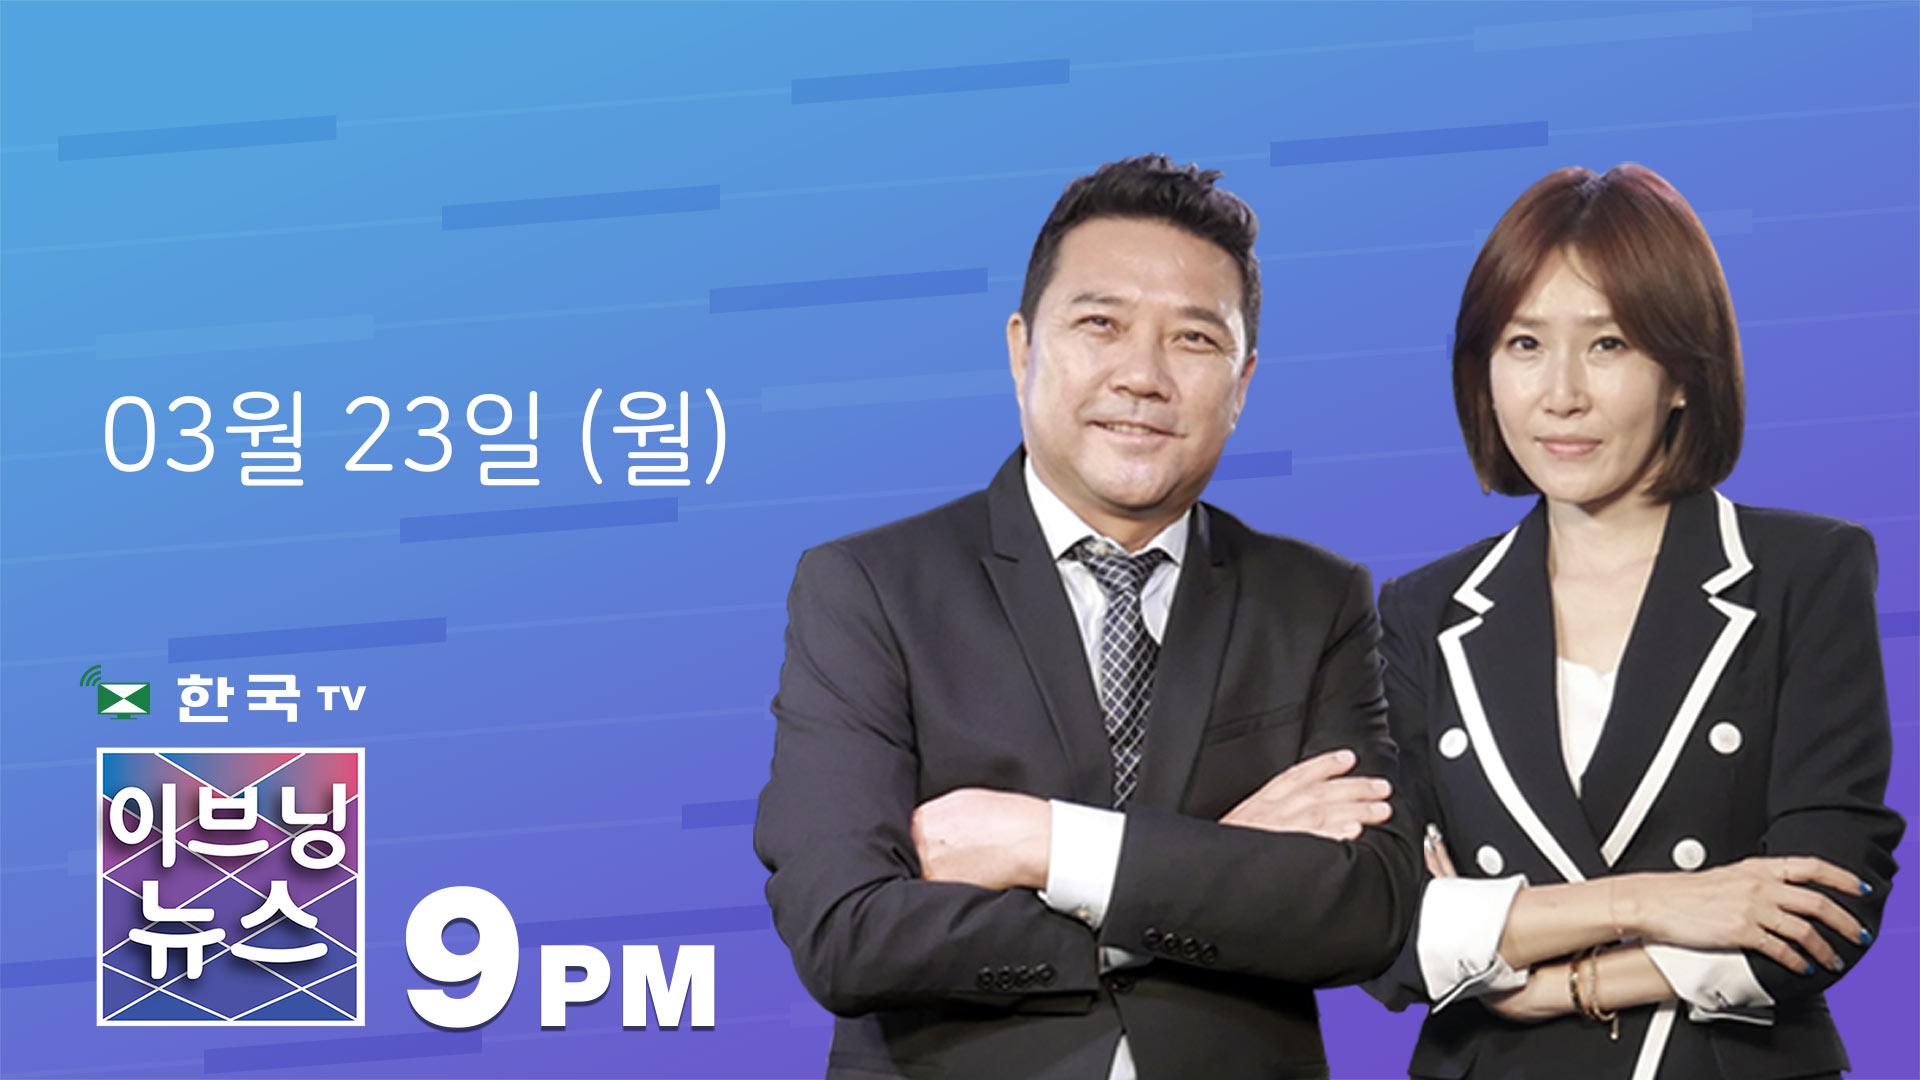 (03.23.2020) 한국TV 이브닝 뉴스